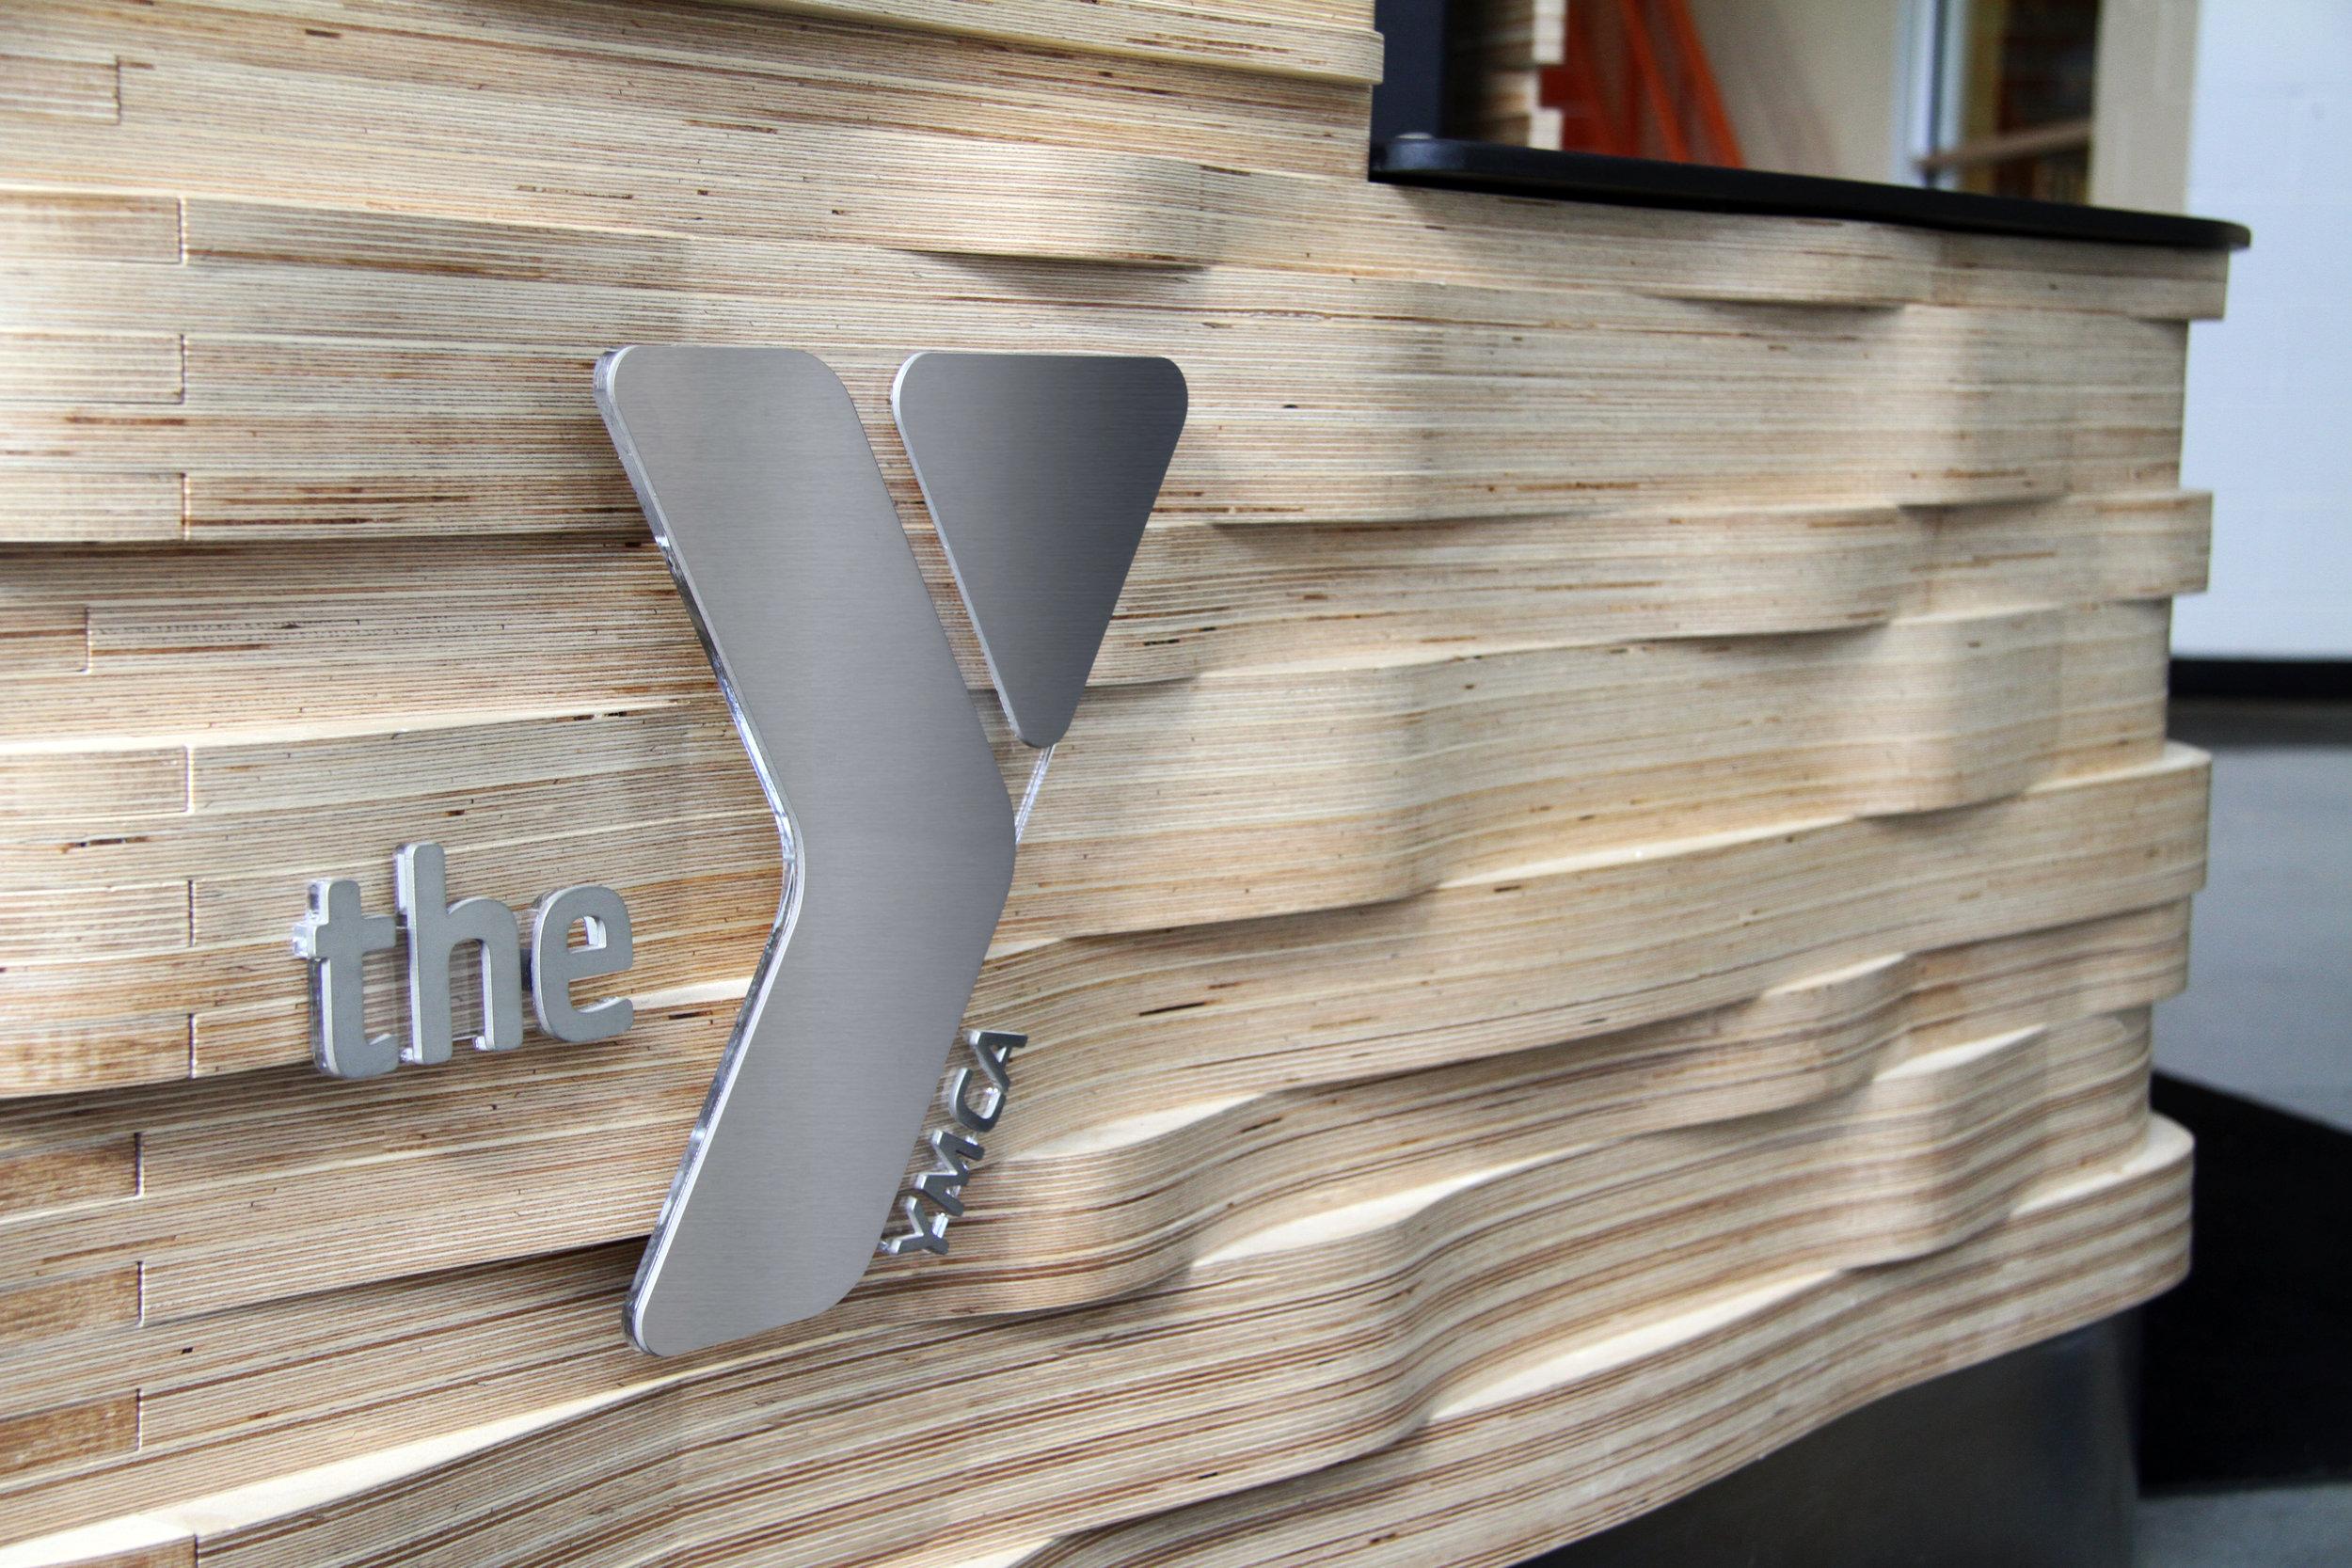 YMCA Reception Desk